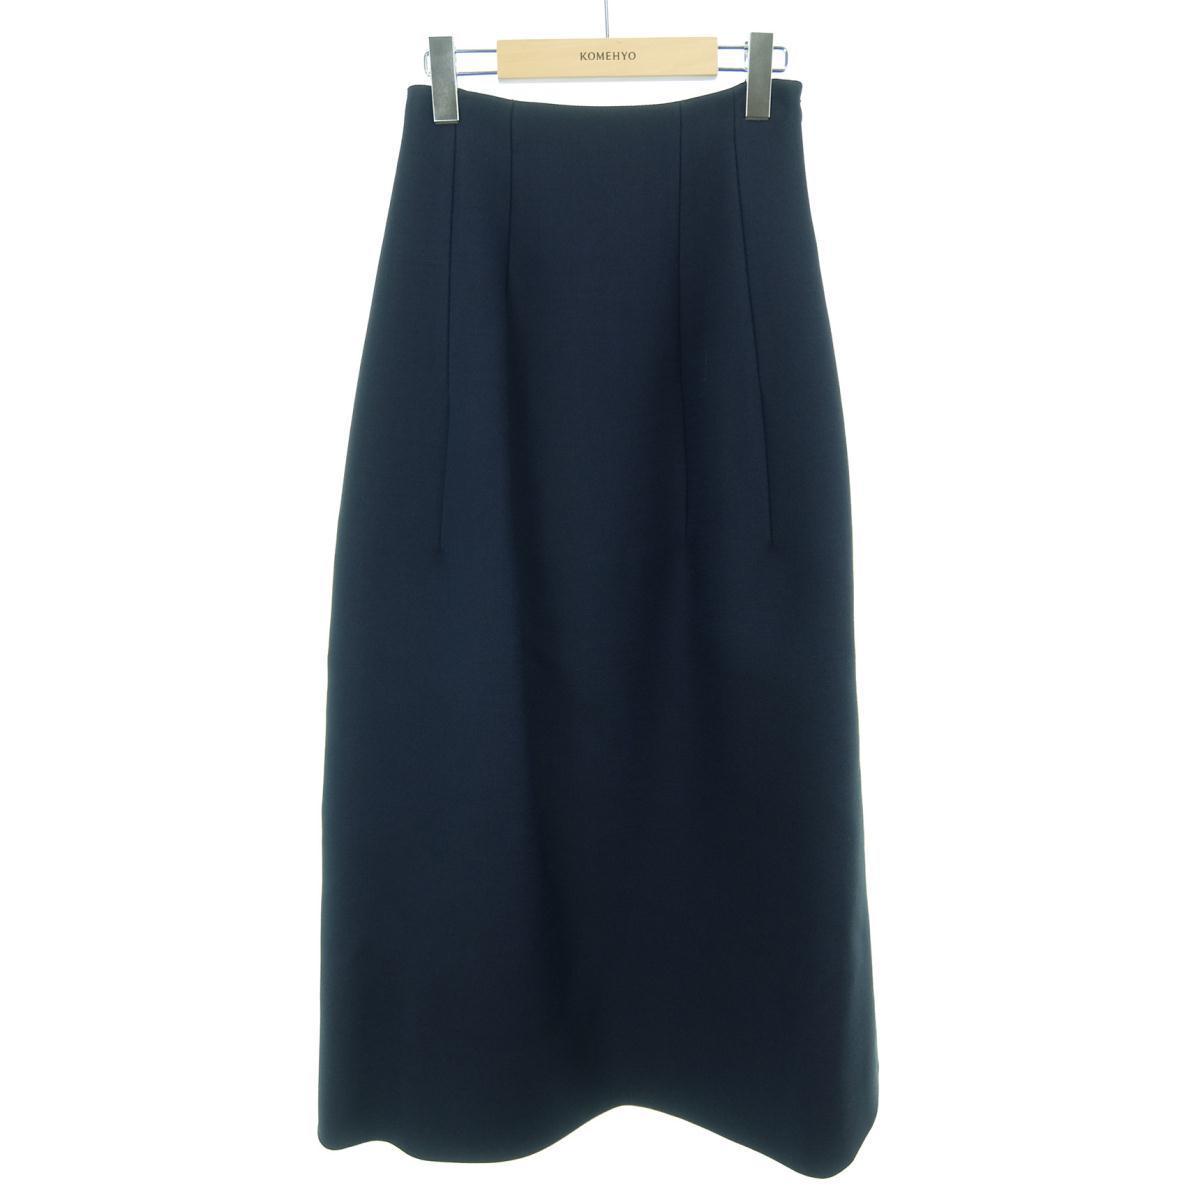 【未使用品】ザロウ THE ROW スカート【中古】